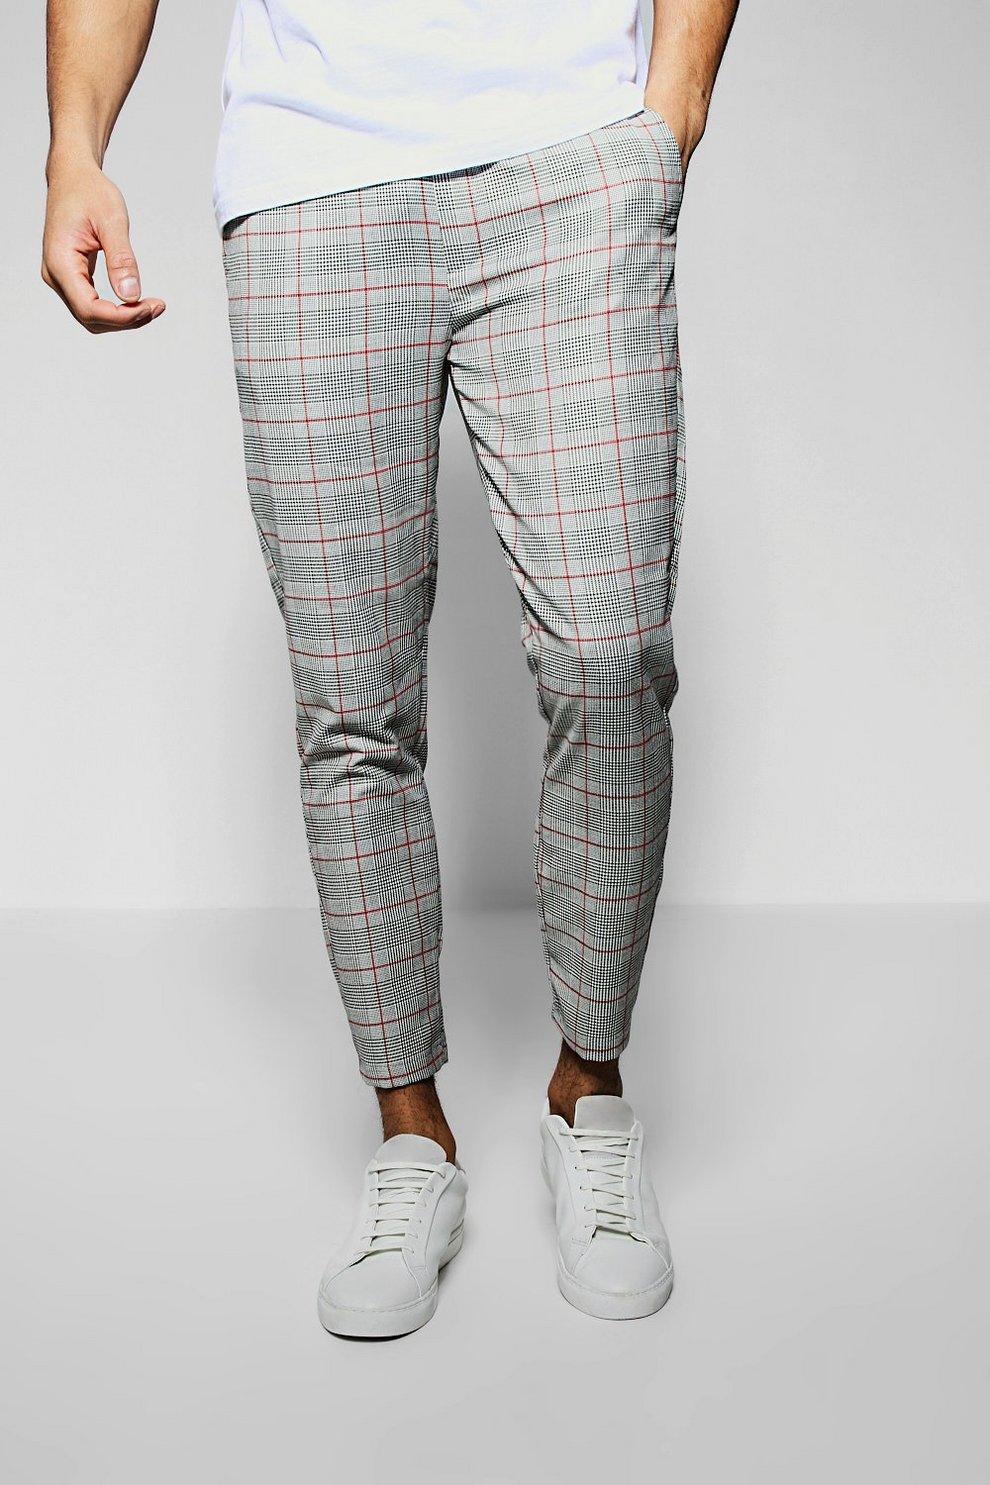 5437397a8d915d Pantaloni tuta eleganti a pinocchietto con motivo a quadri windowpane